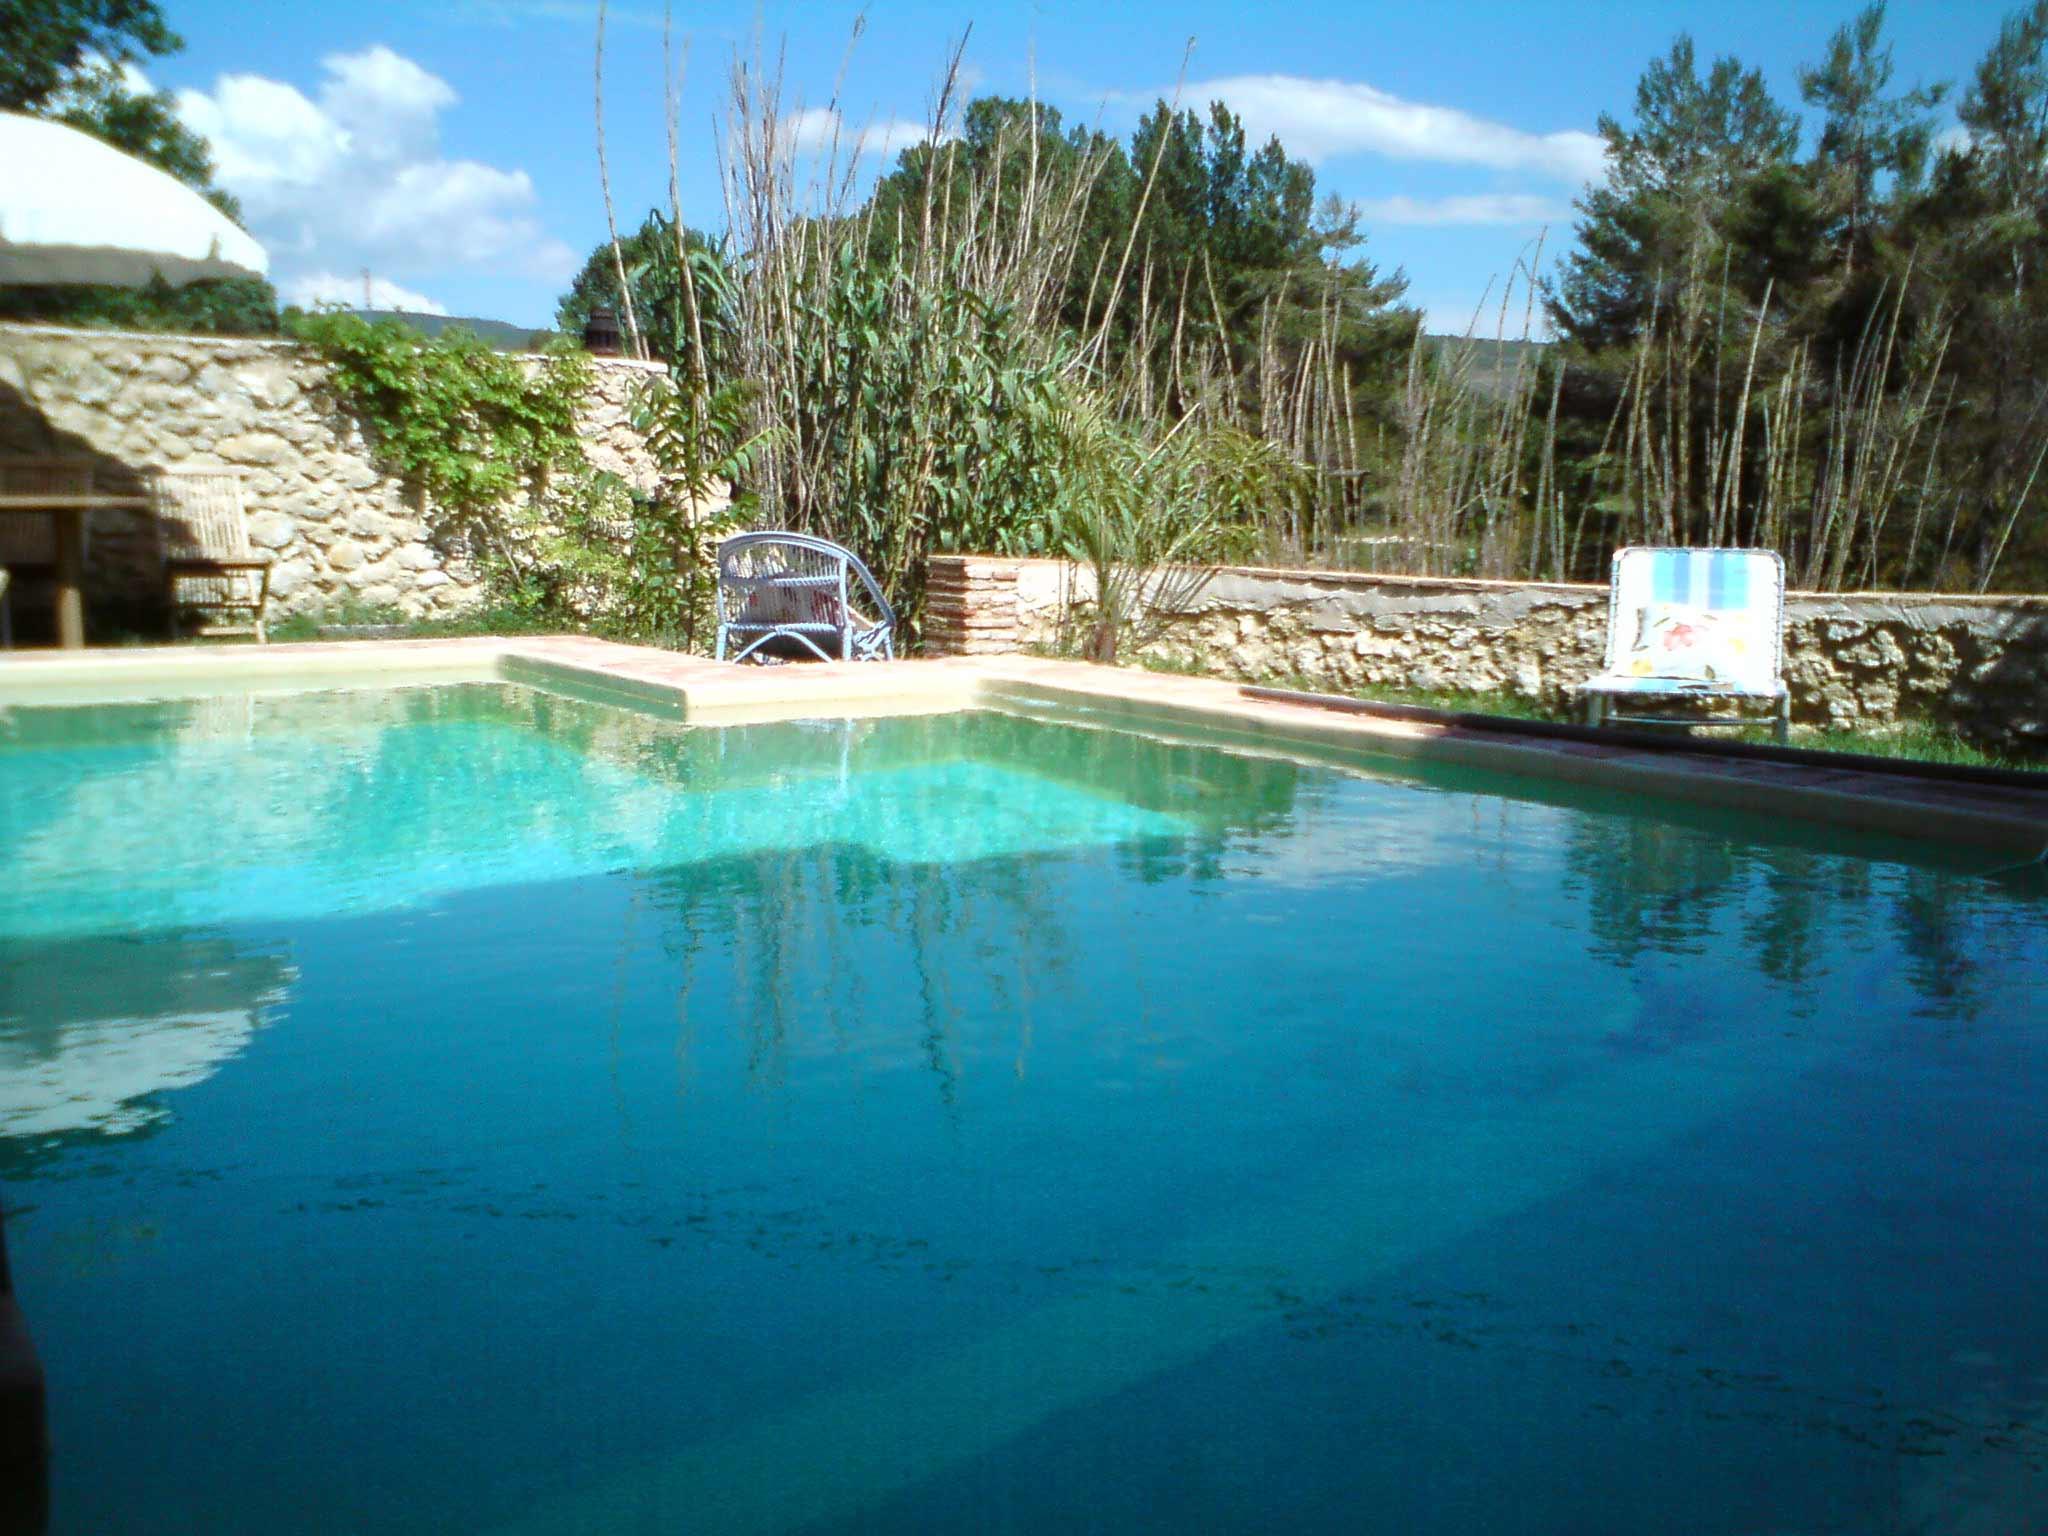 Molino del agua casa rural banyeres de mariola sierra for Casa rural catalunya piscina